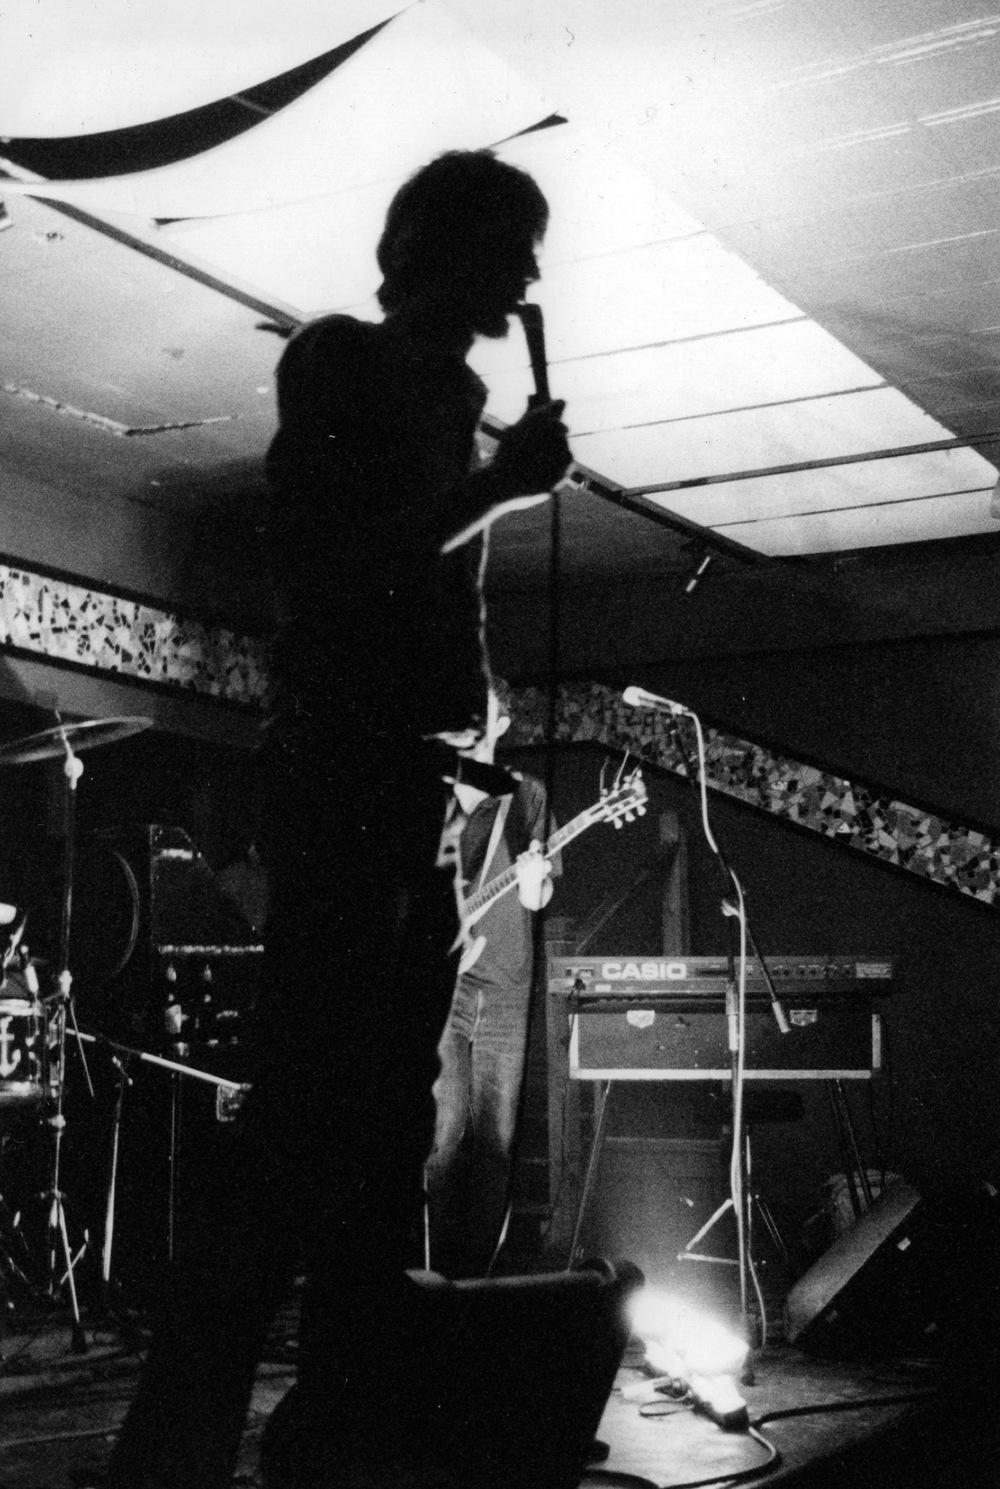 Joel in silhouette